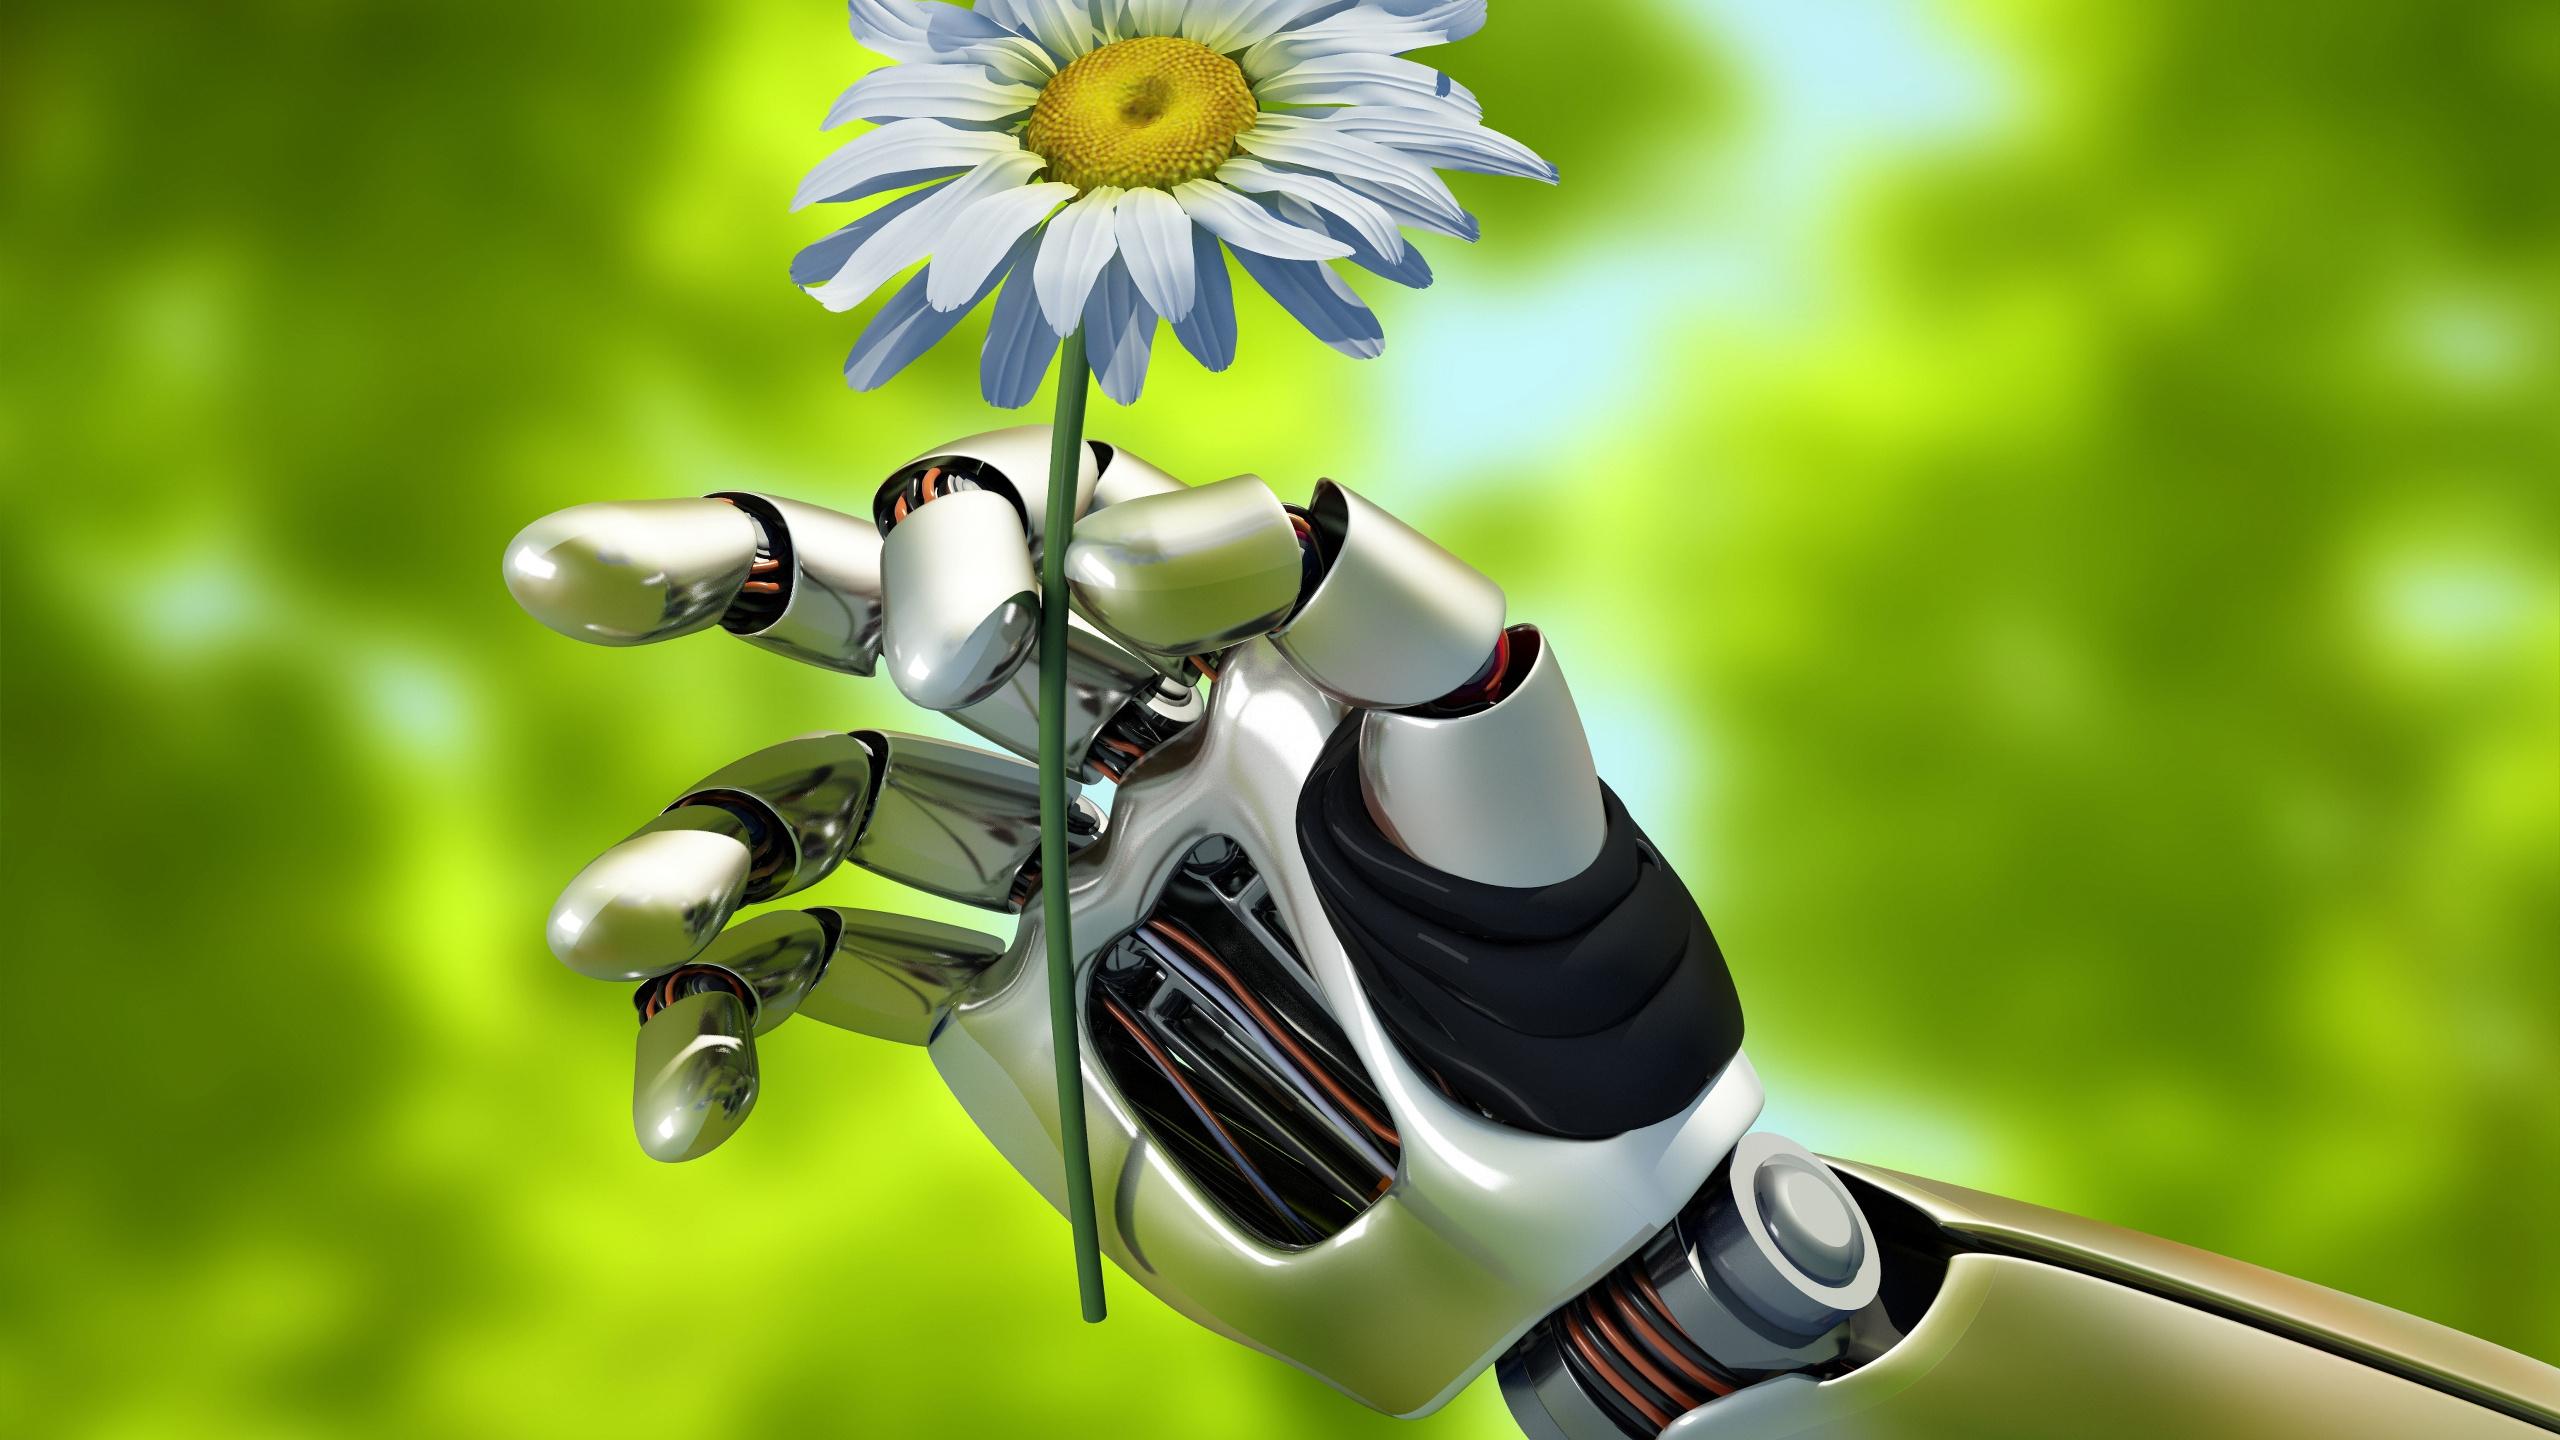 цветок, ромашка, лето, природа, механизм, робот, рука, размытие